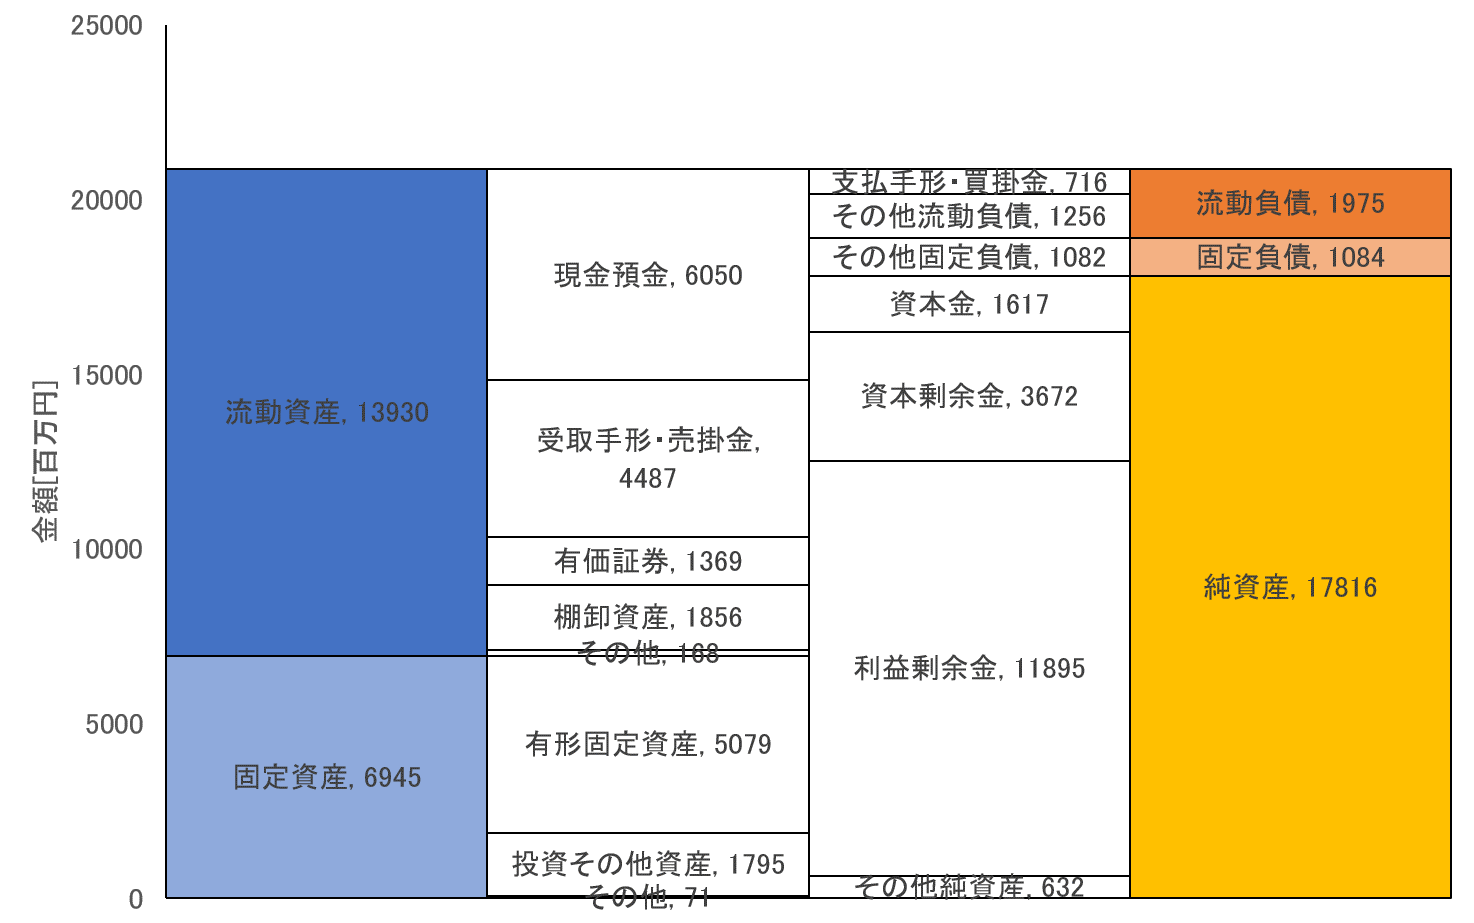 クニミネ工業の貸借対照表